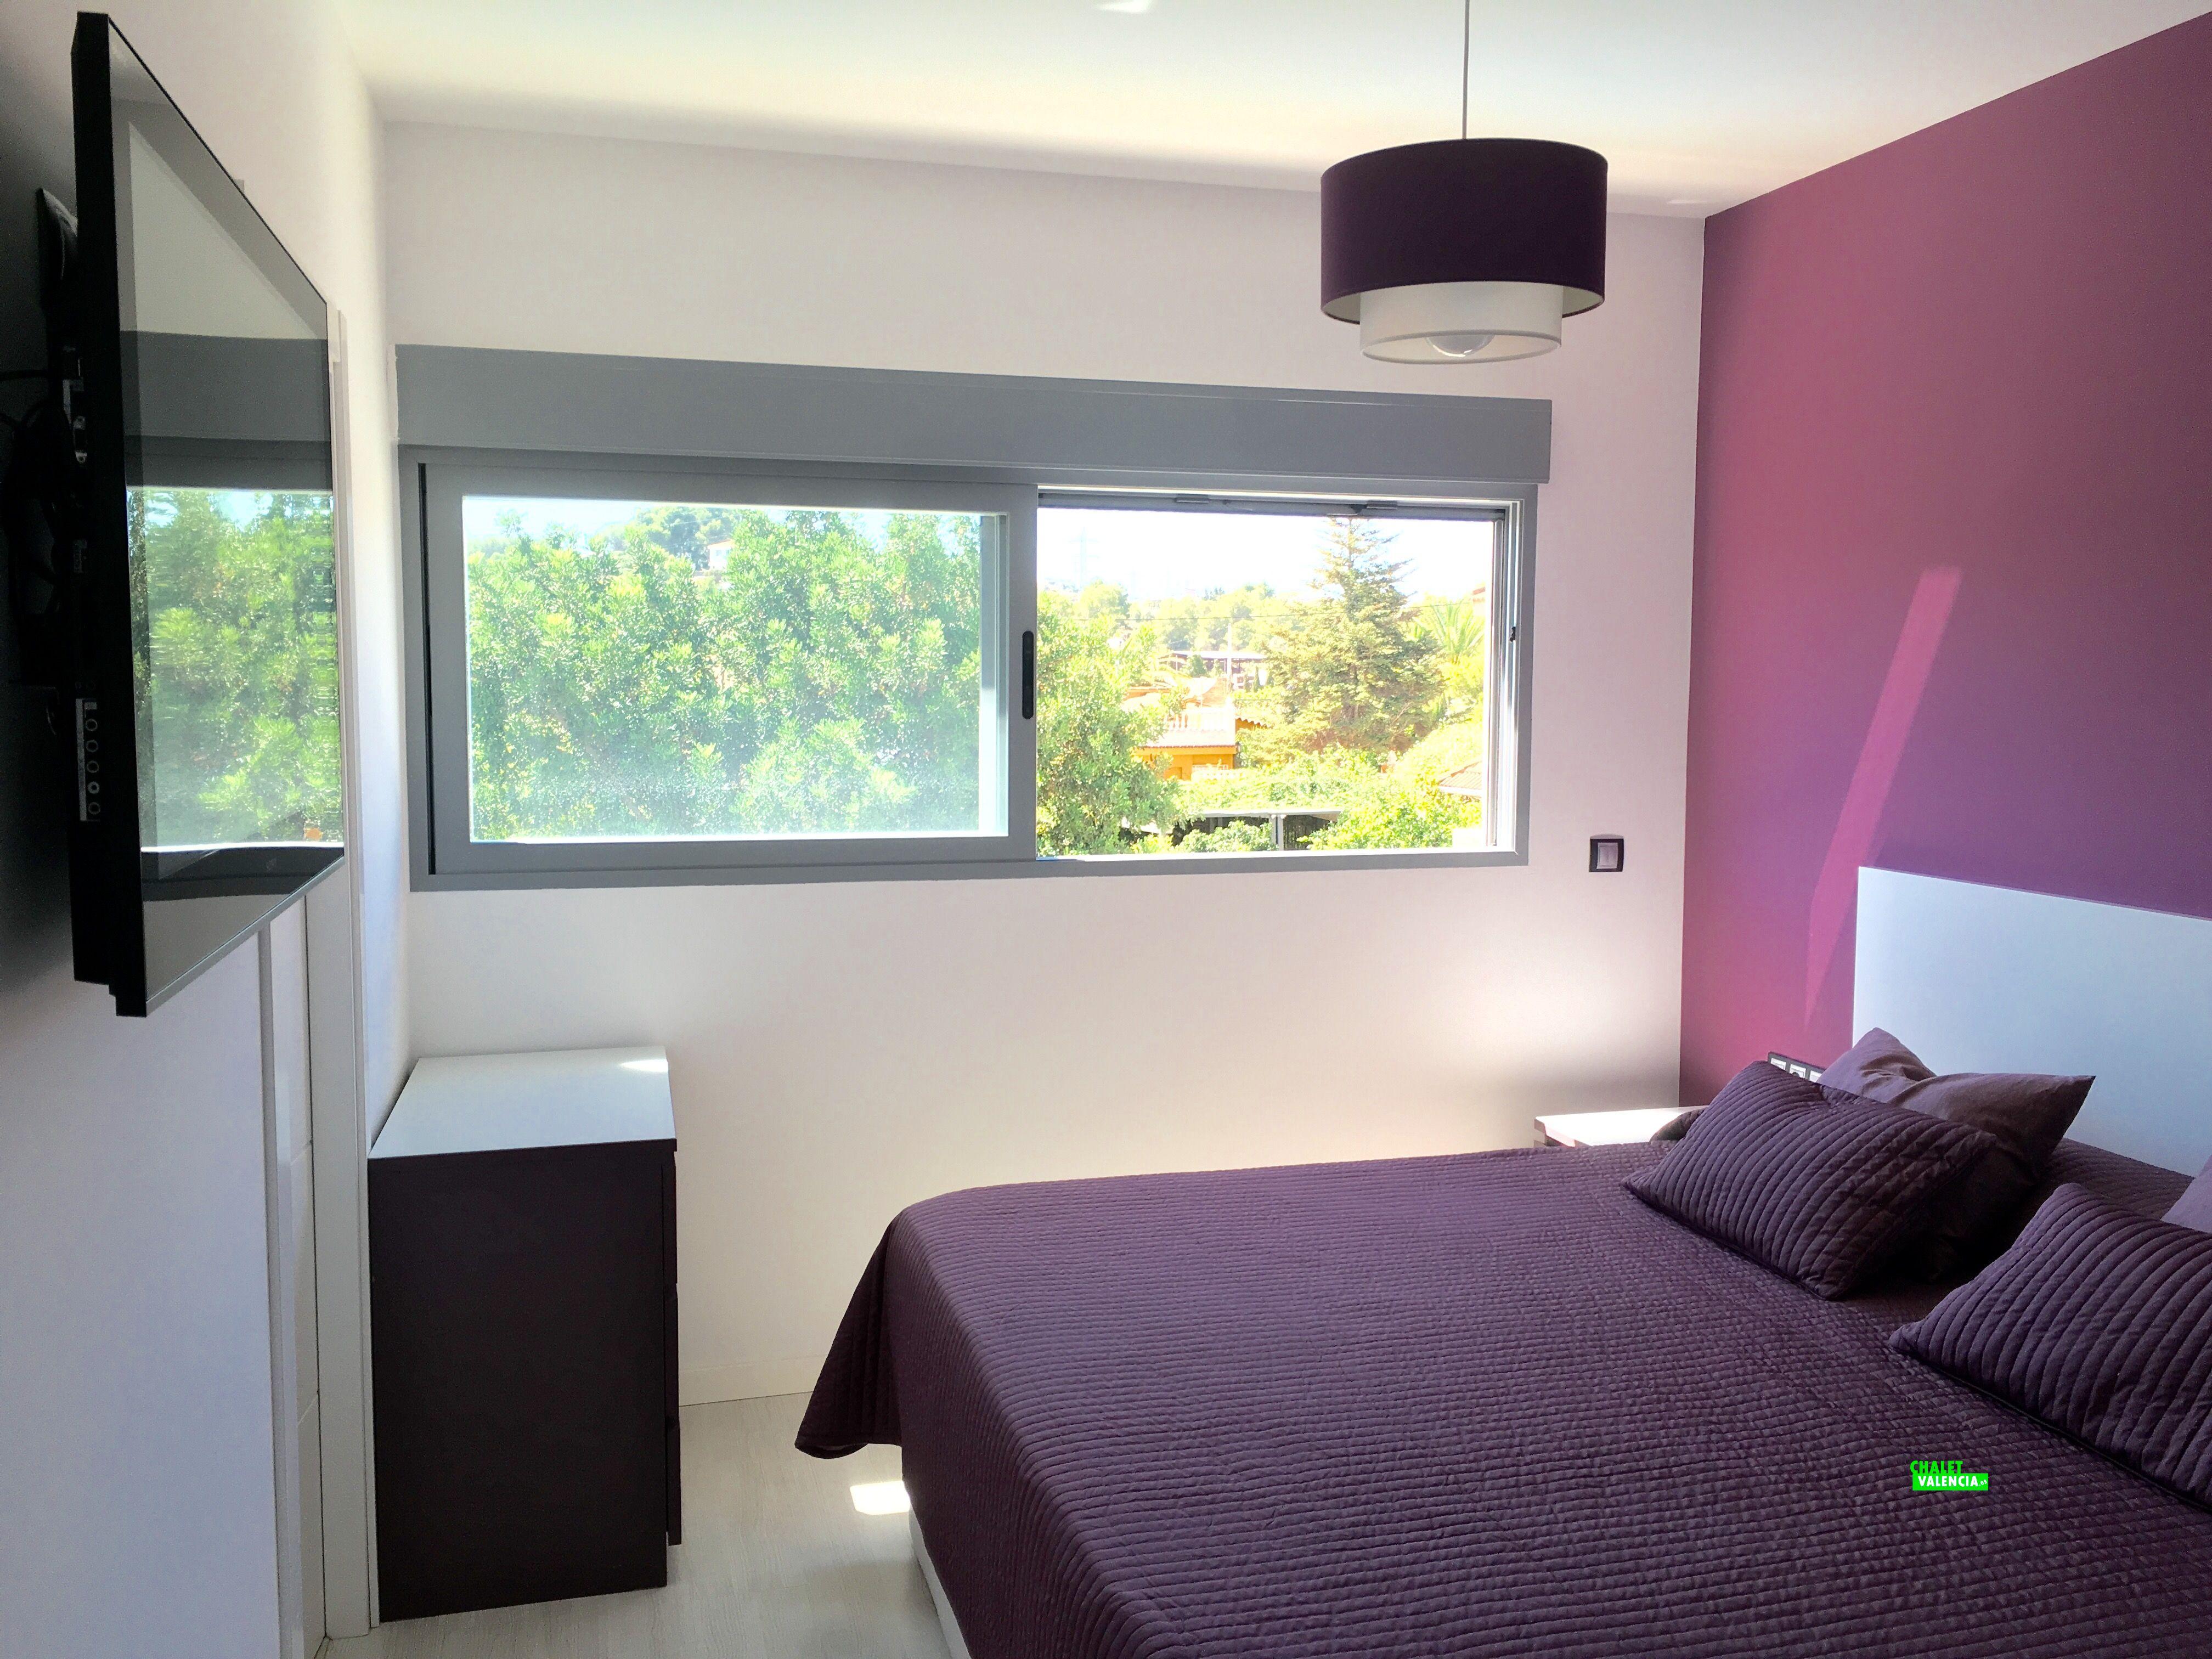 Habitación suite chalet nueva construcción Valencia